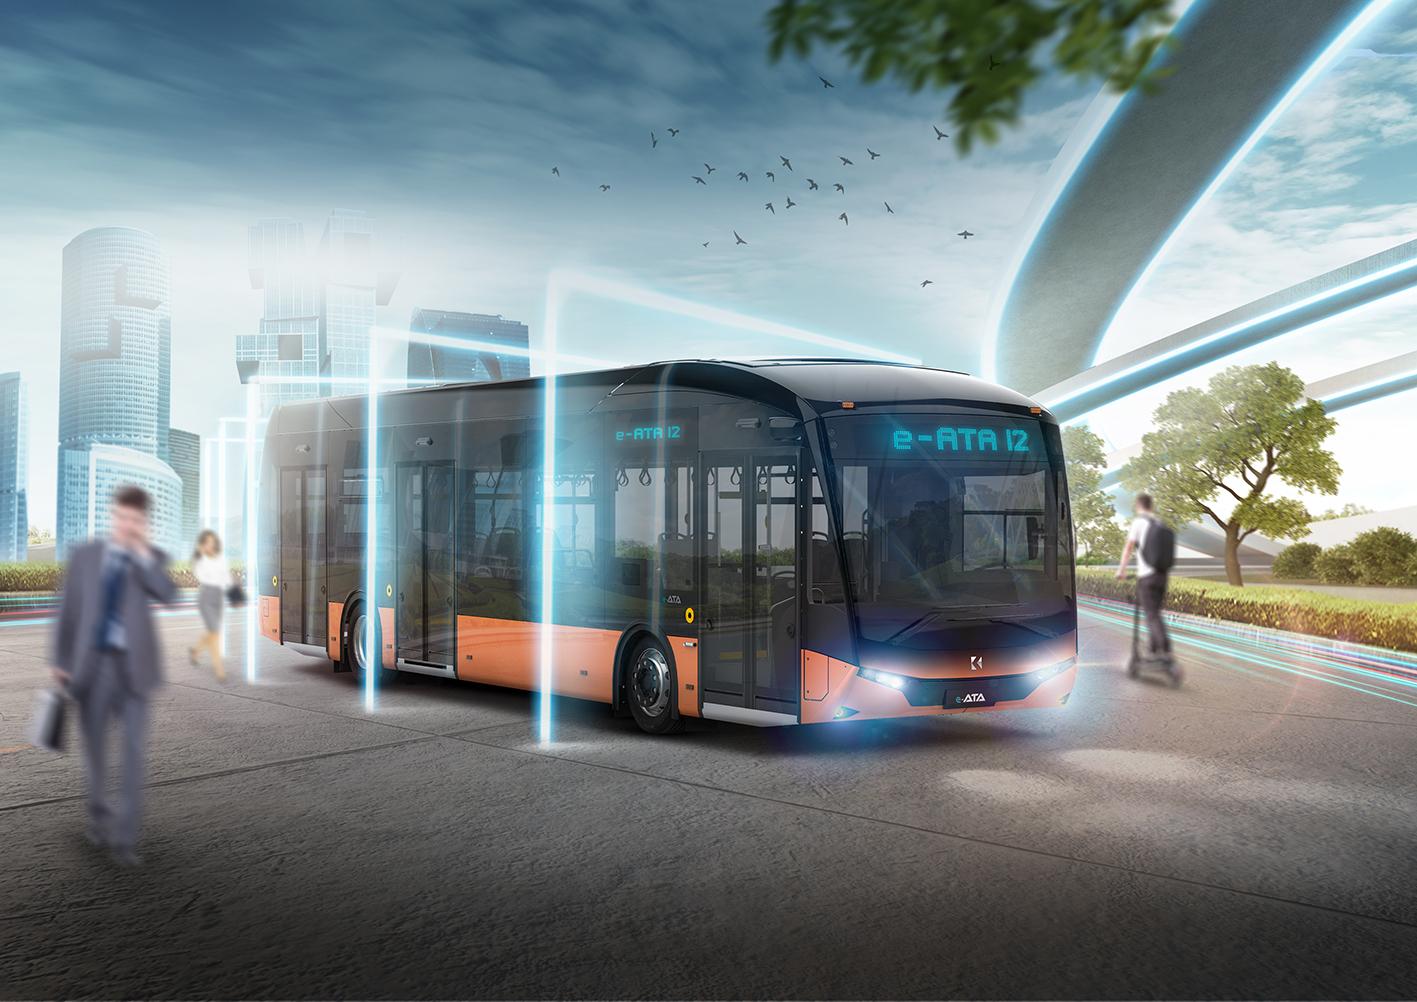 Karsan'dan %100 elektrikli otobüs e-ATA 3